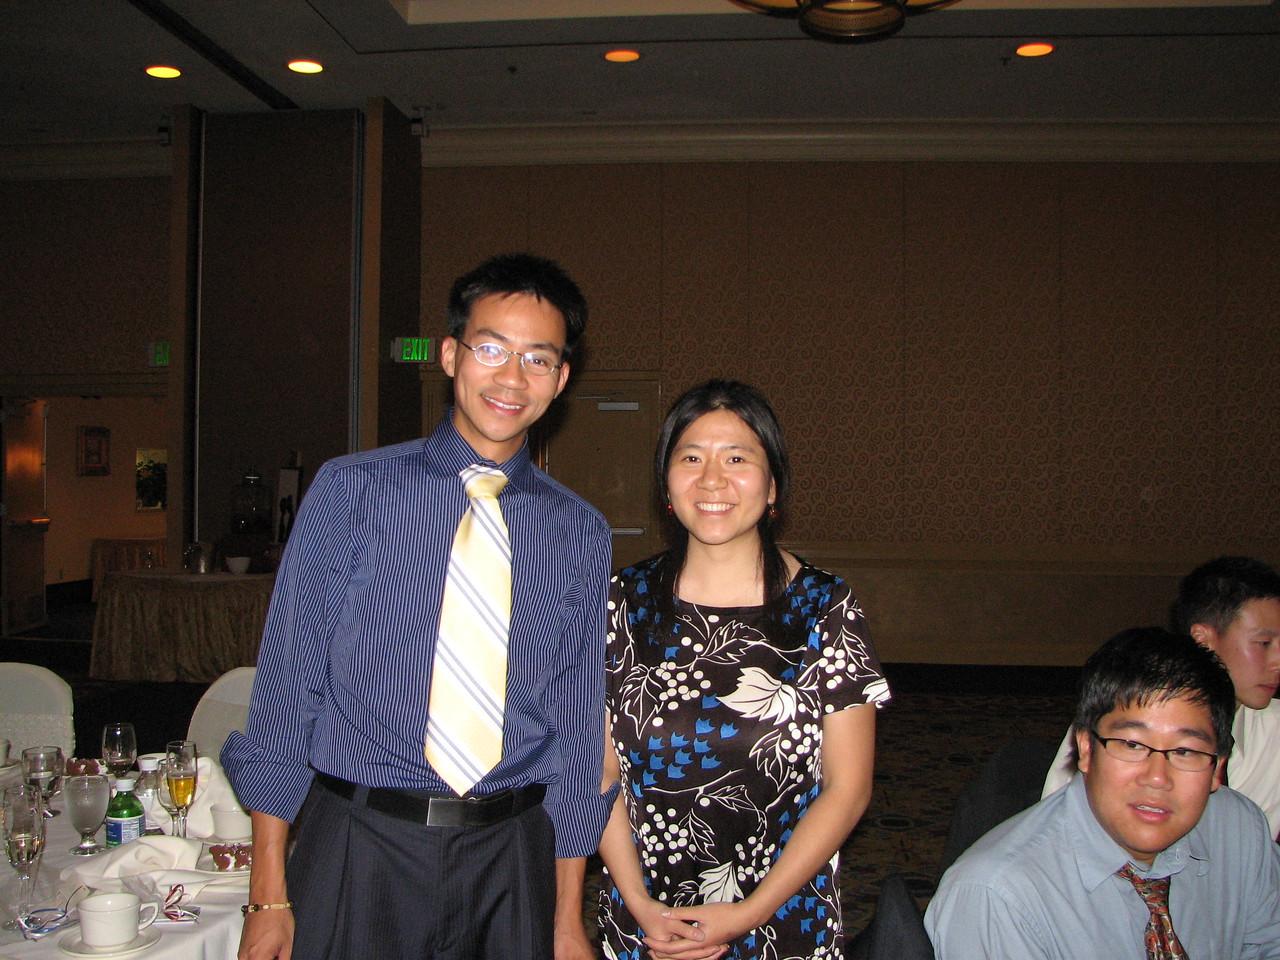 2006 10 08 Sun - Reception - Ben Yu & Angela Chen